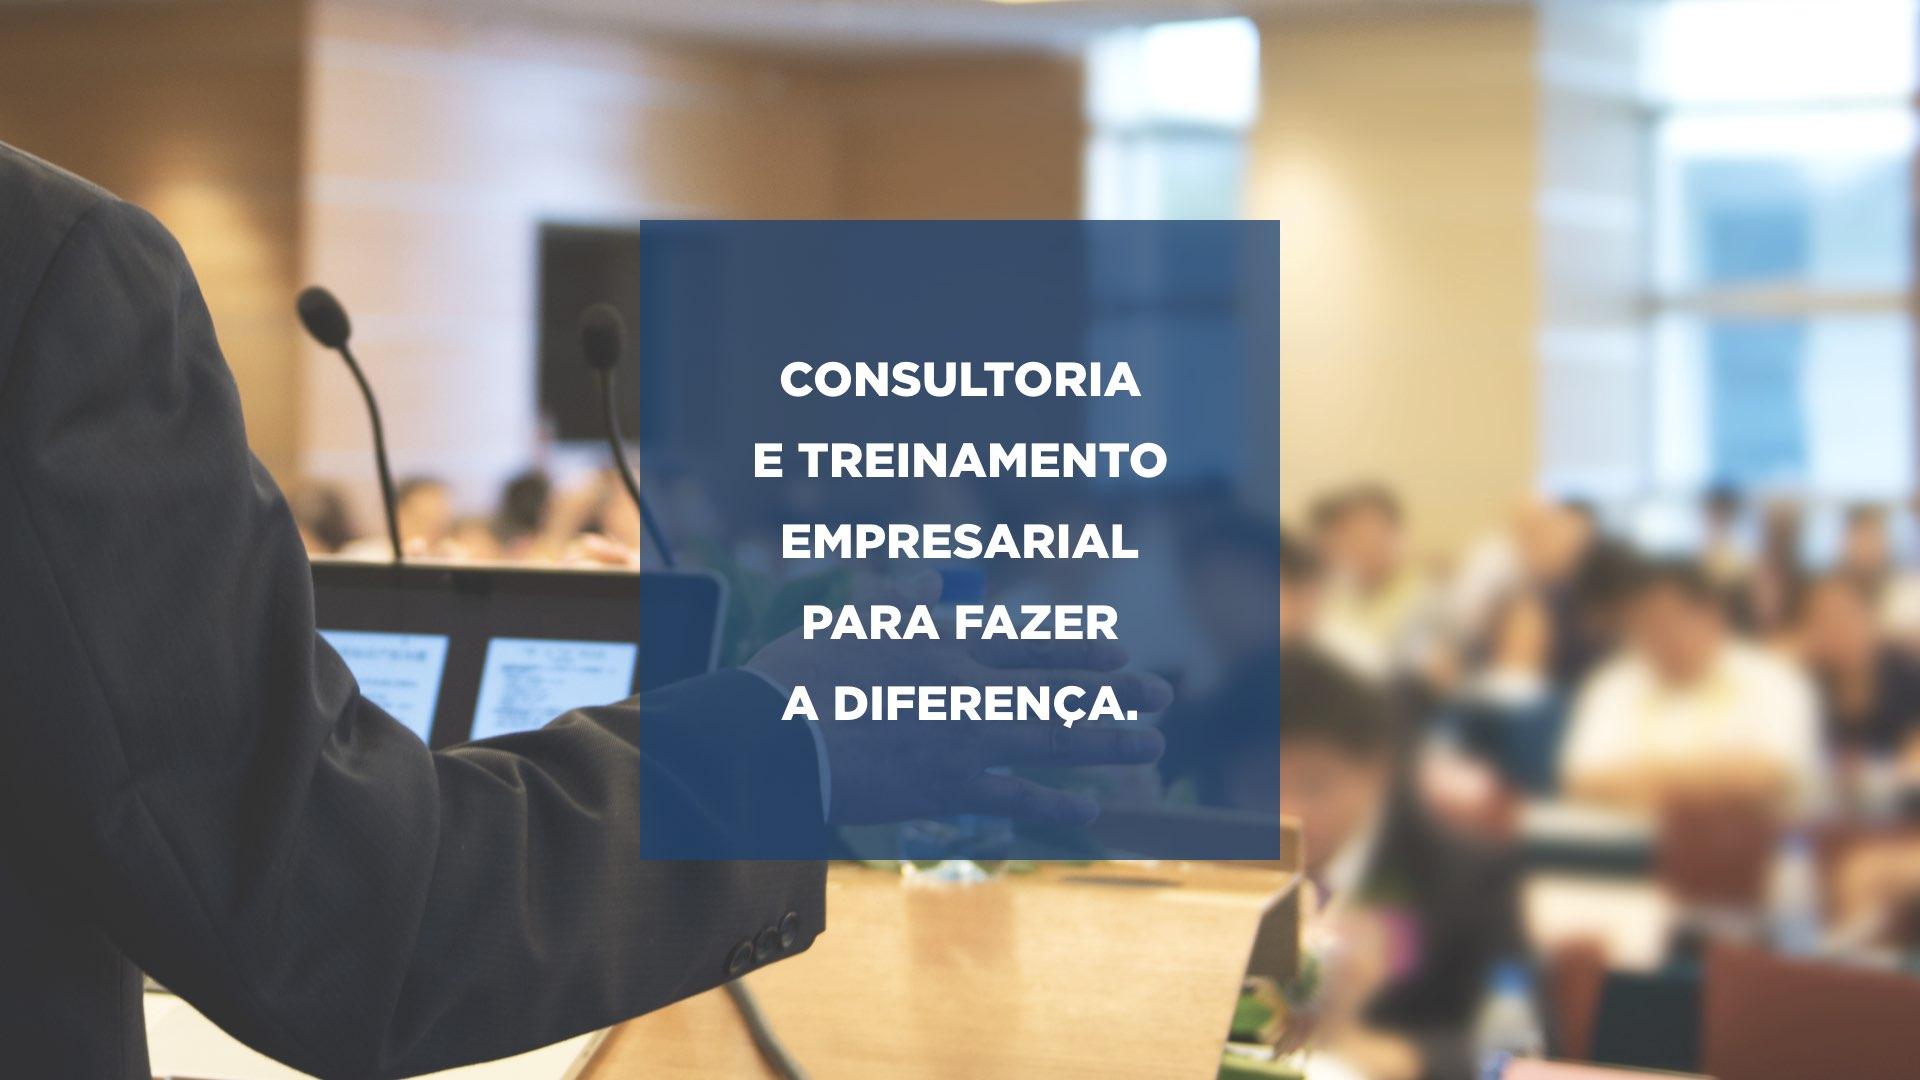 L-apres ACIB Consultoria CURTA - portfolio jun2016.004.jpeg